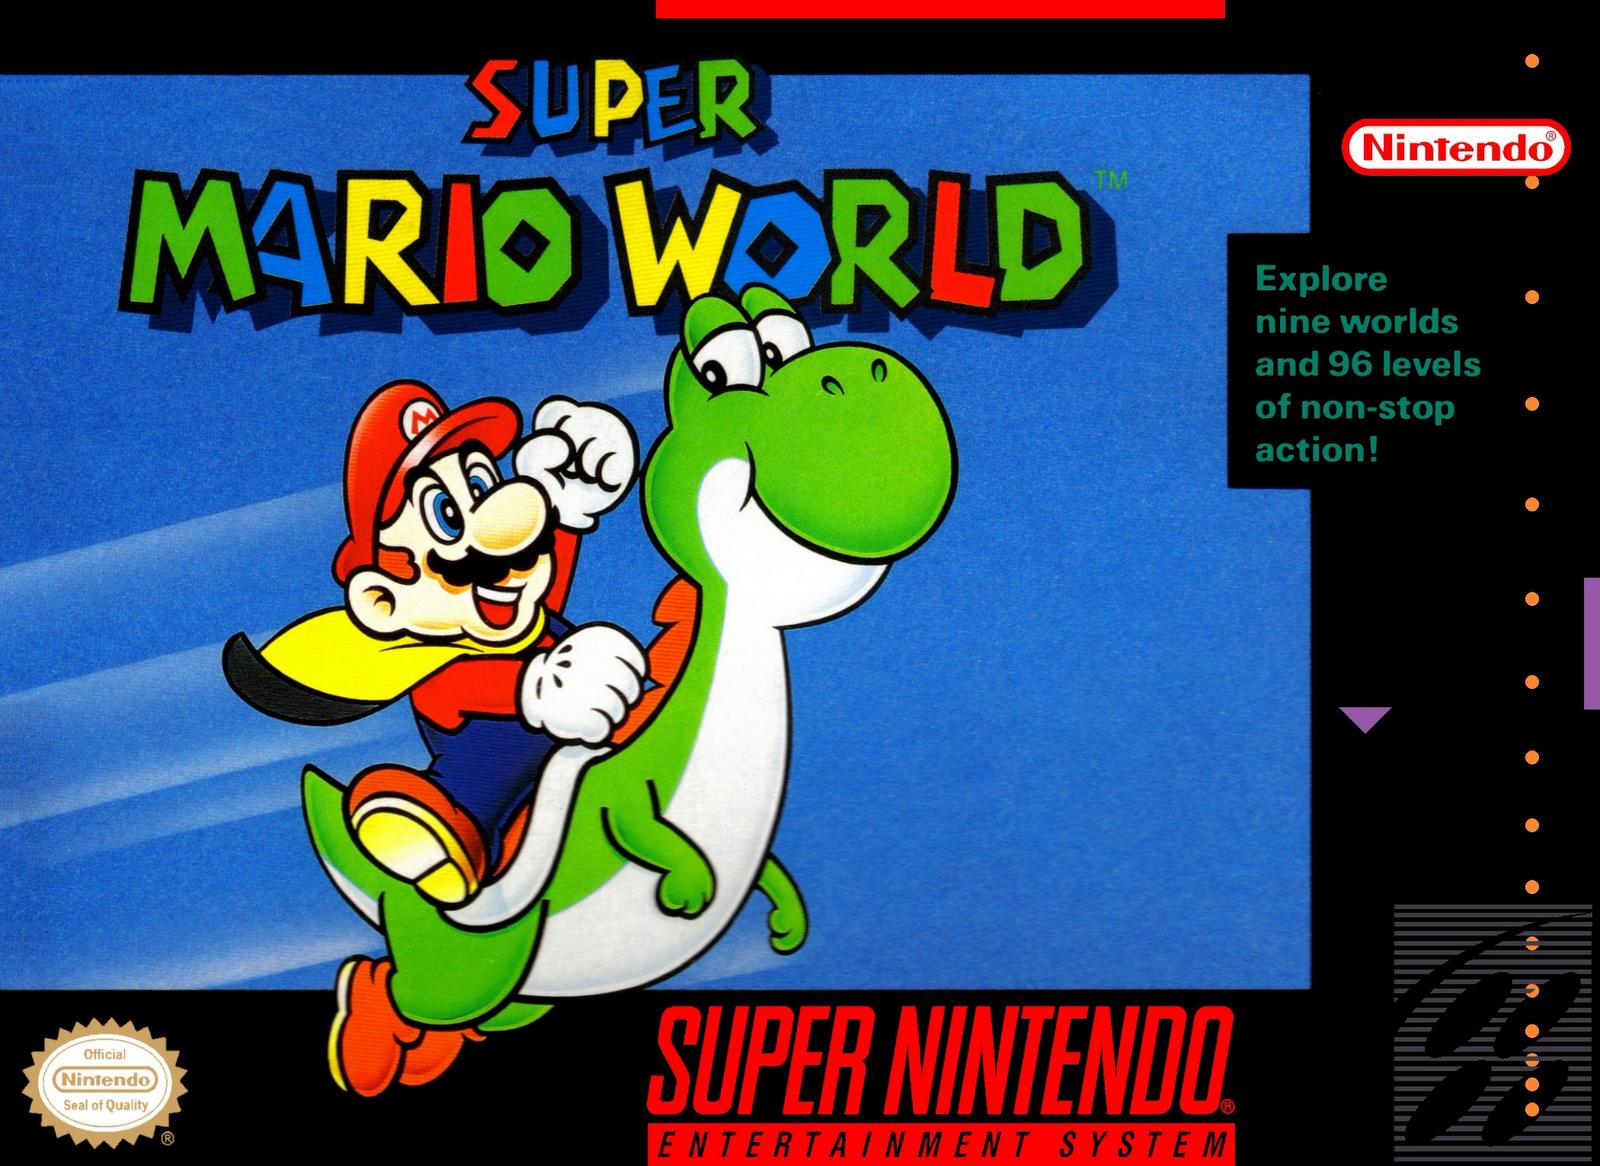 Pin By Luis Antonio On Super Nintendo Games Super Mario World Super Mario World Game Super Nintendo Games